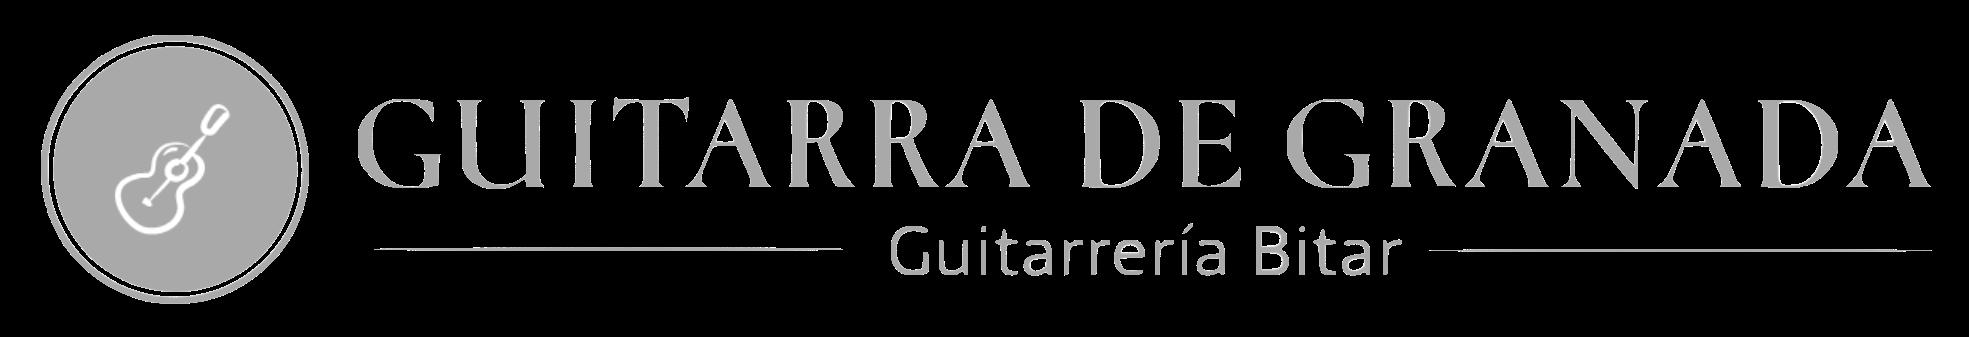 GUITARRA DE GRANADA